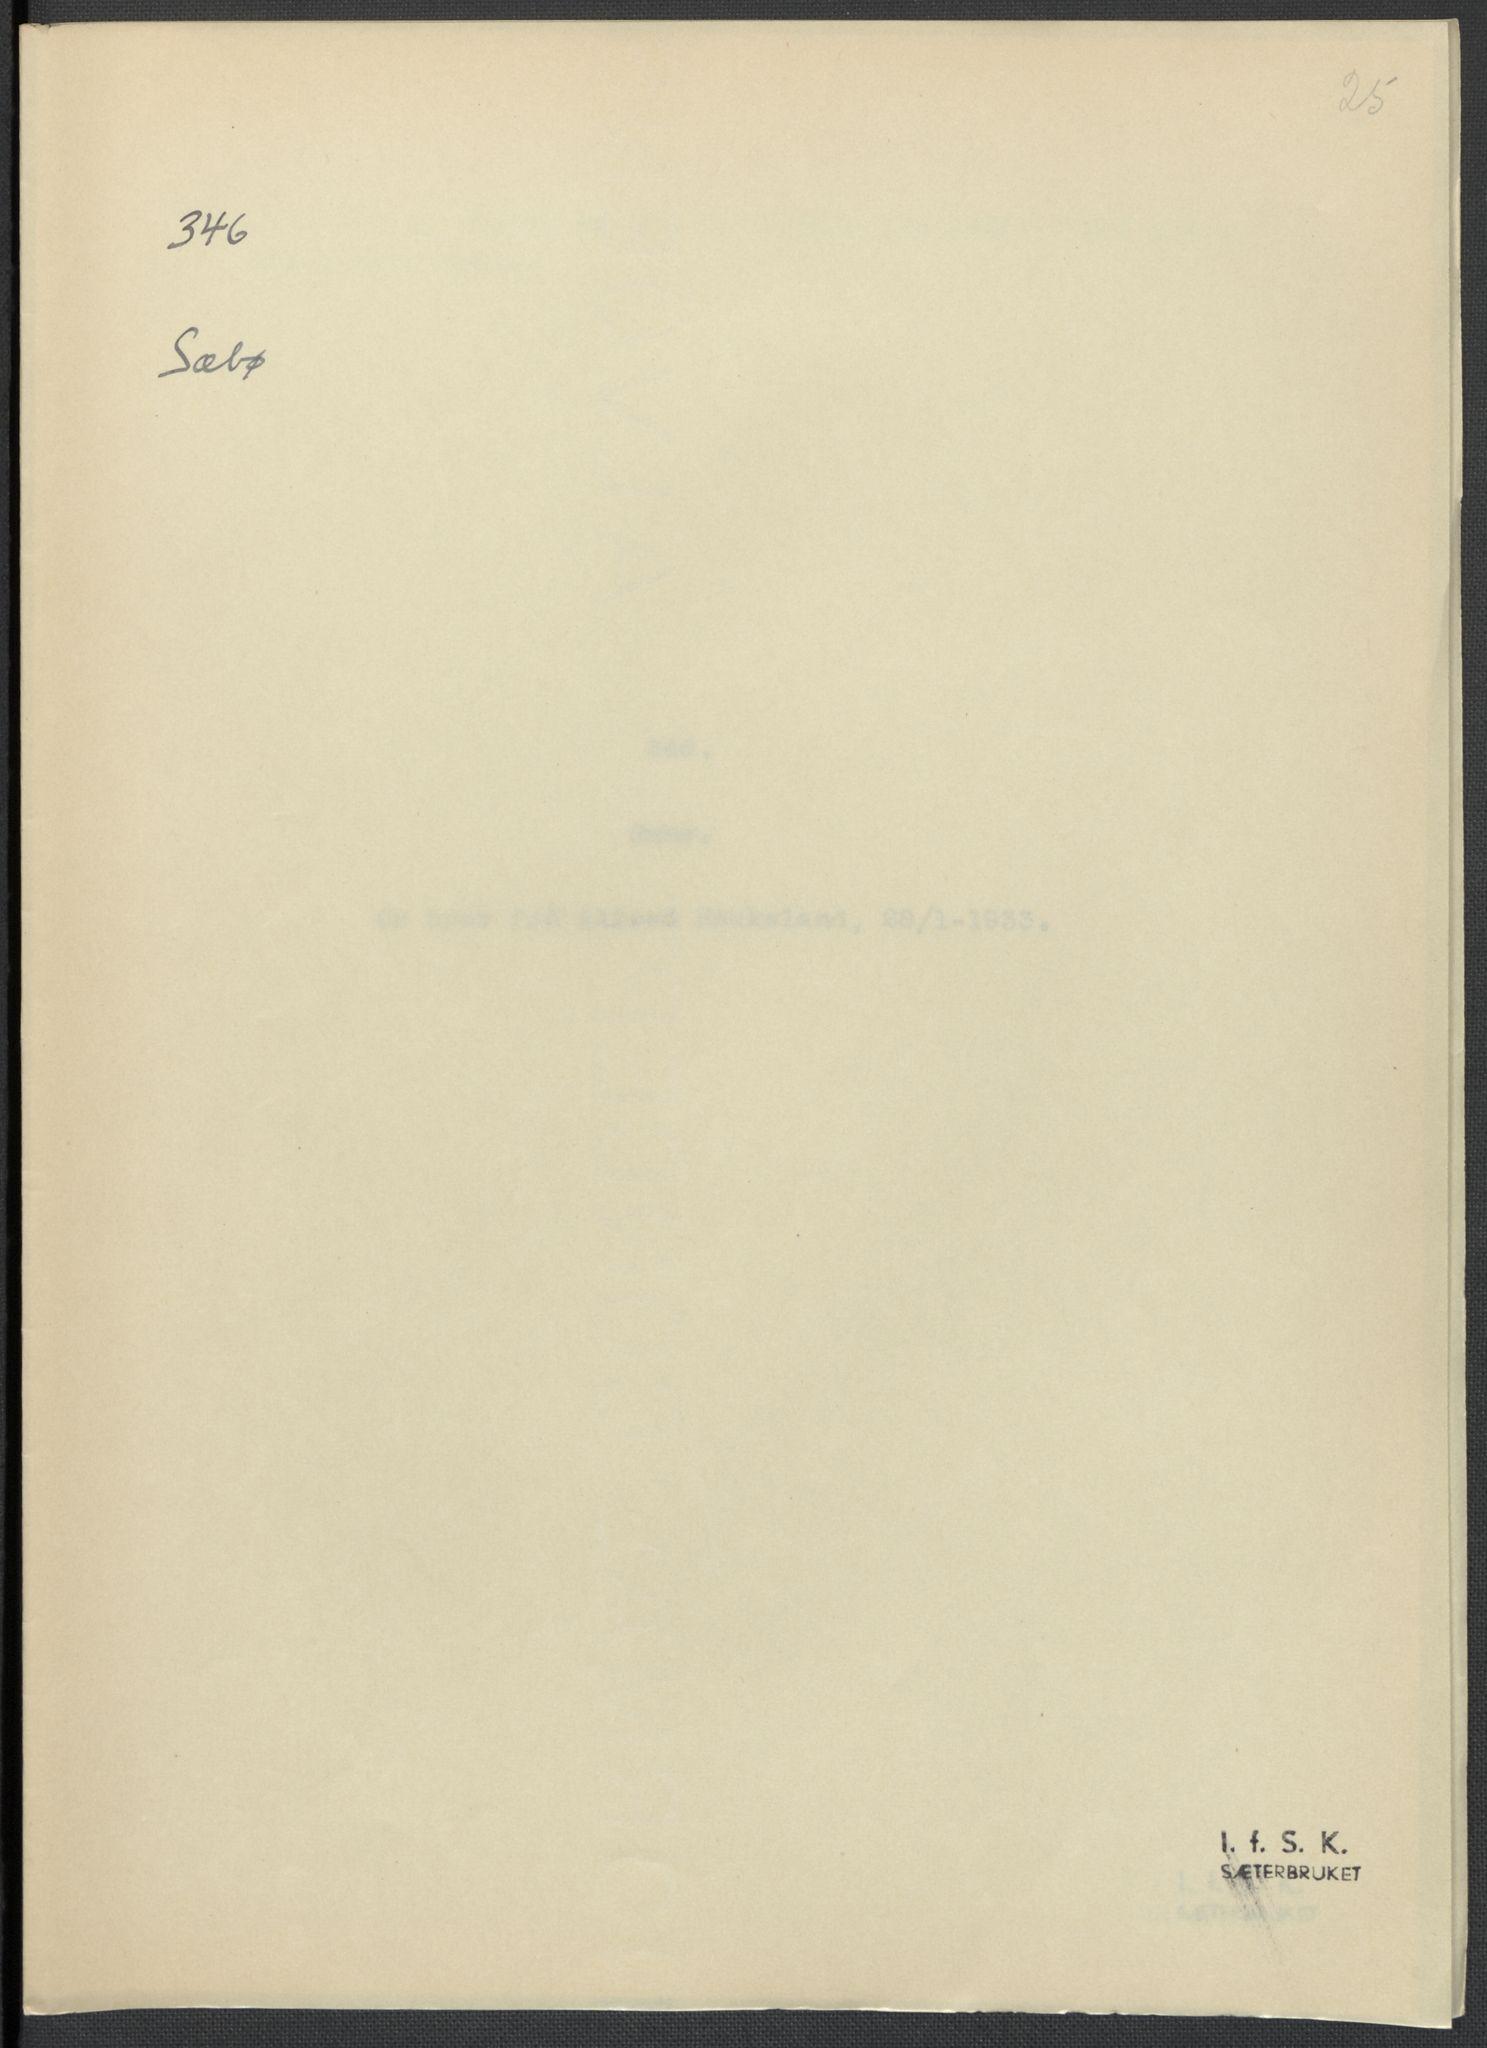 RA, Instituttet for sammenlignende kulturforskning, F/Fc/L0010: Eske B10:, 1932-1935, s. 25